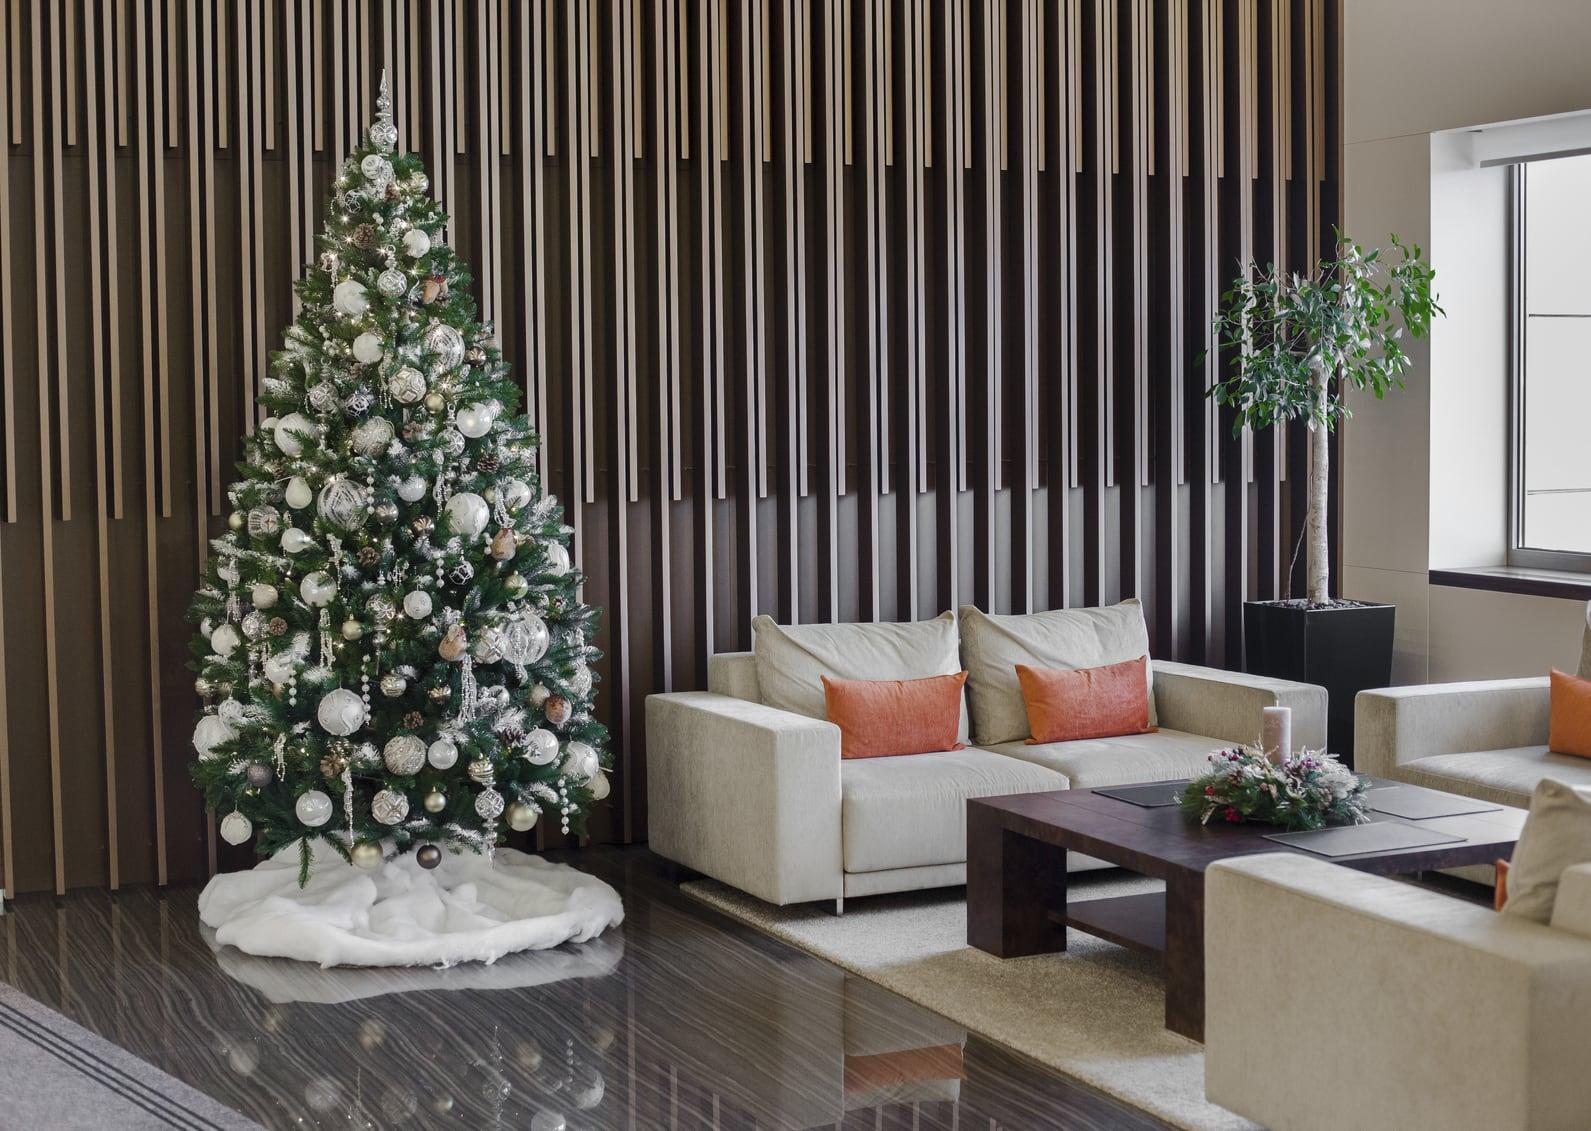 Trang trí Noel cho khu vực lễ tân công ty